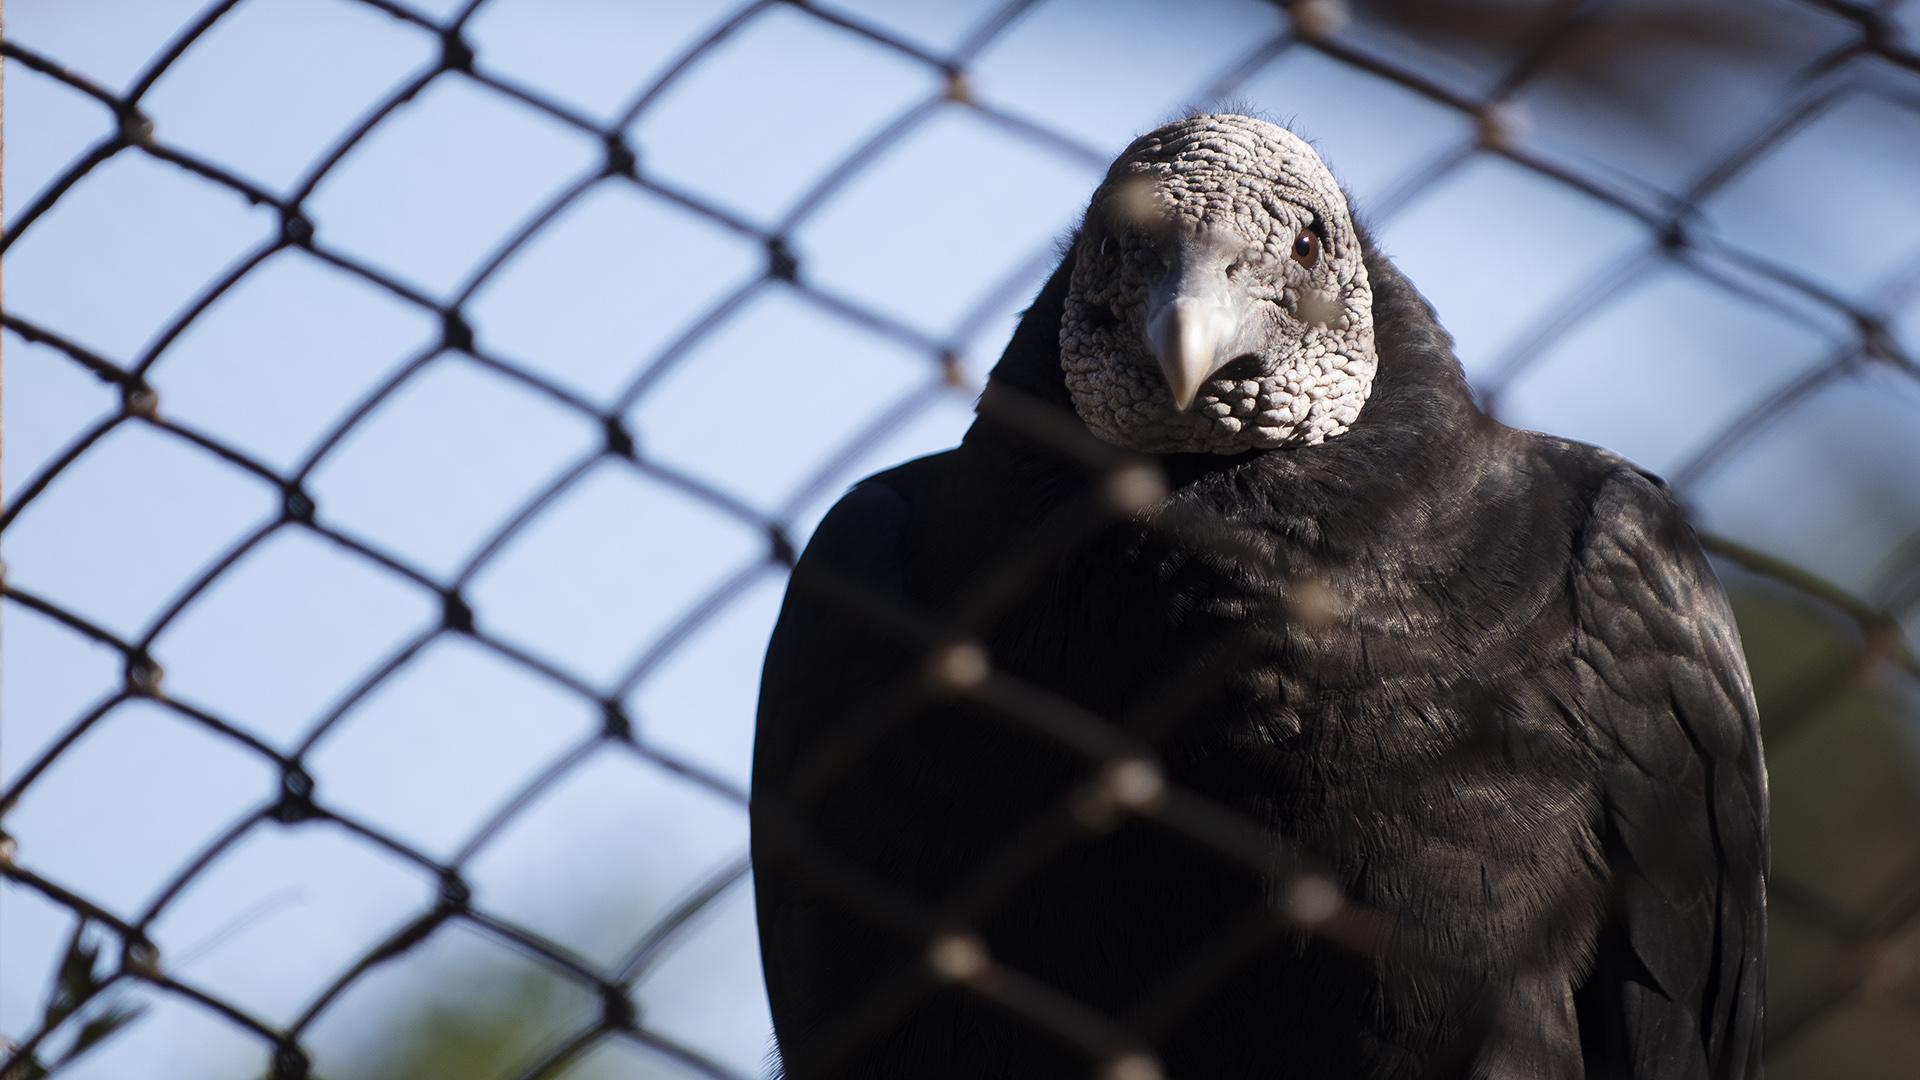 Según las autoridades del Ecoparque, 350 animales fueron liberados, entre ellos varias aves. Otras, esperan su turno. (Adrián Escandar)